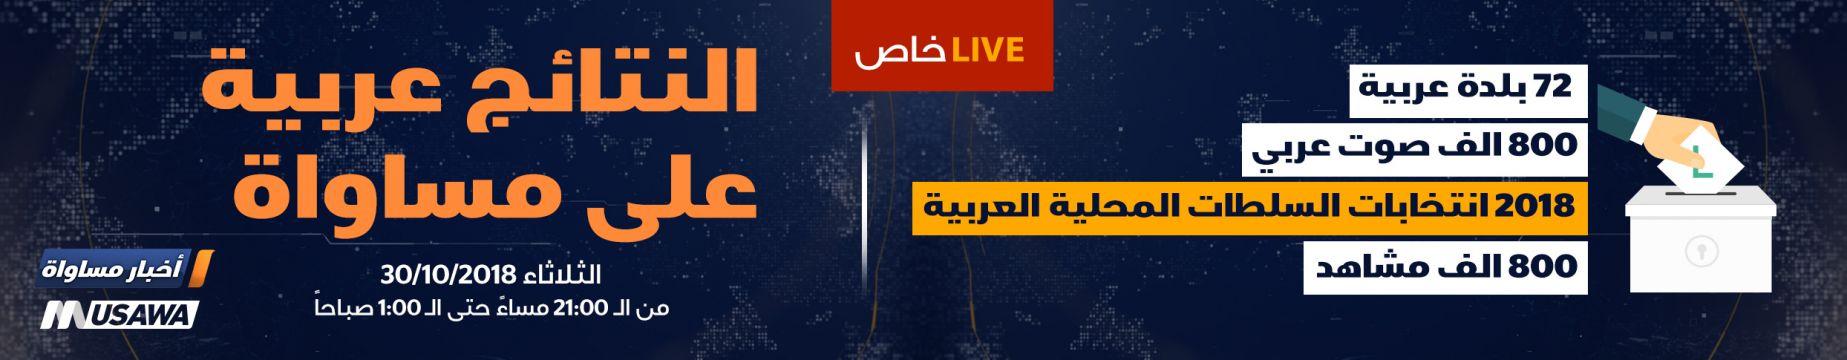 النتائج عربية